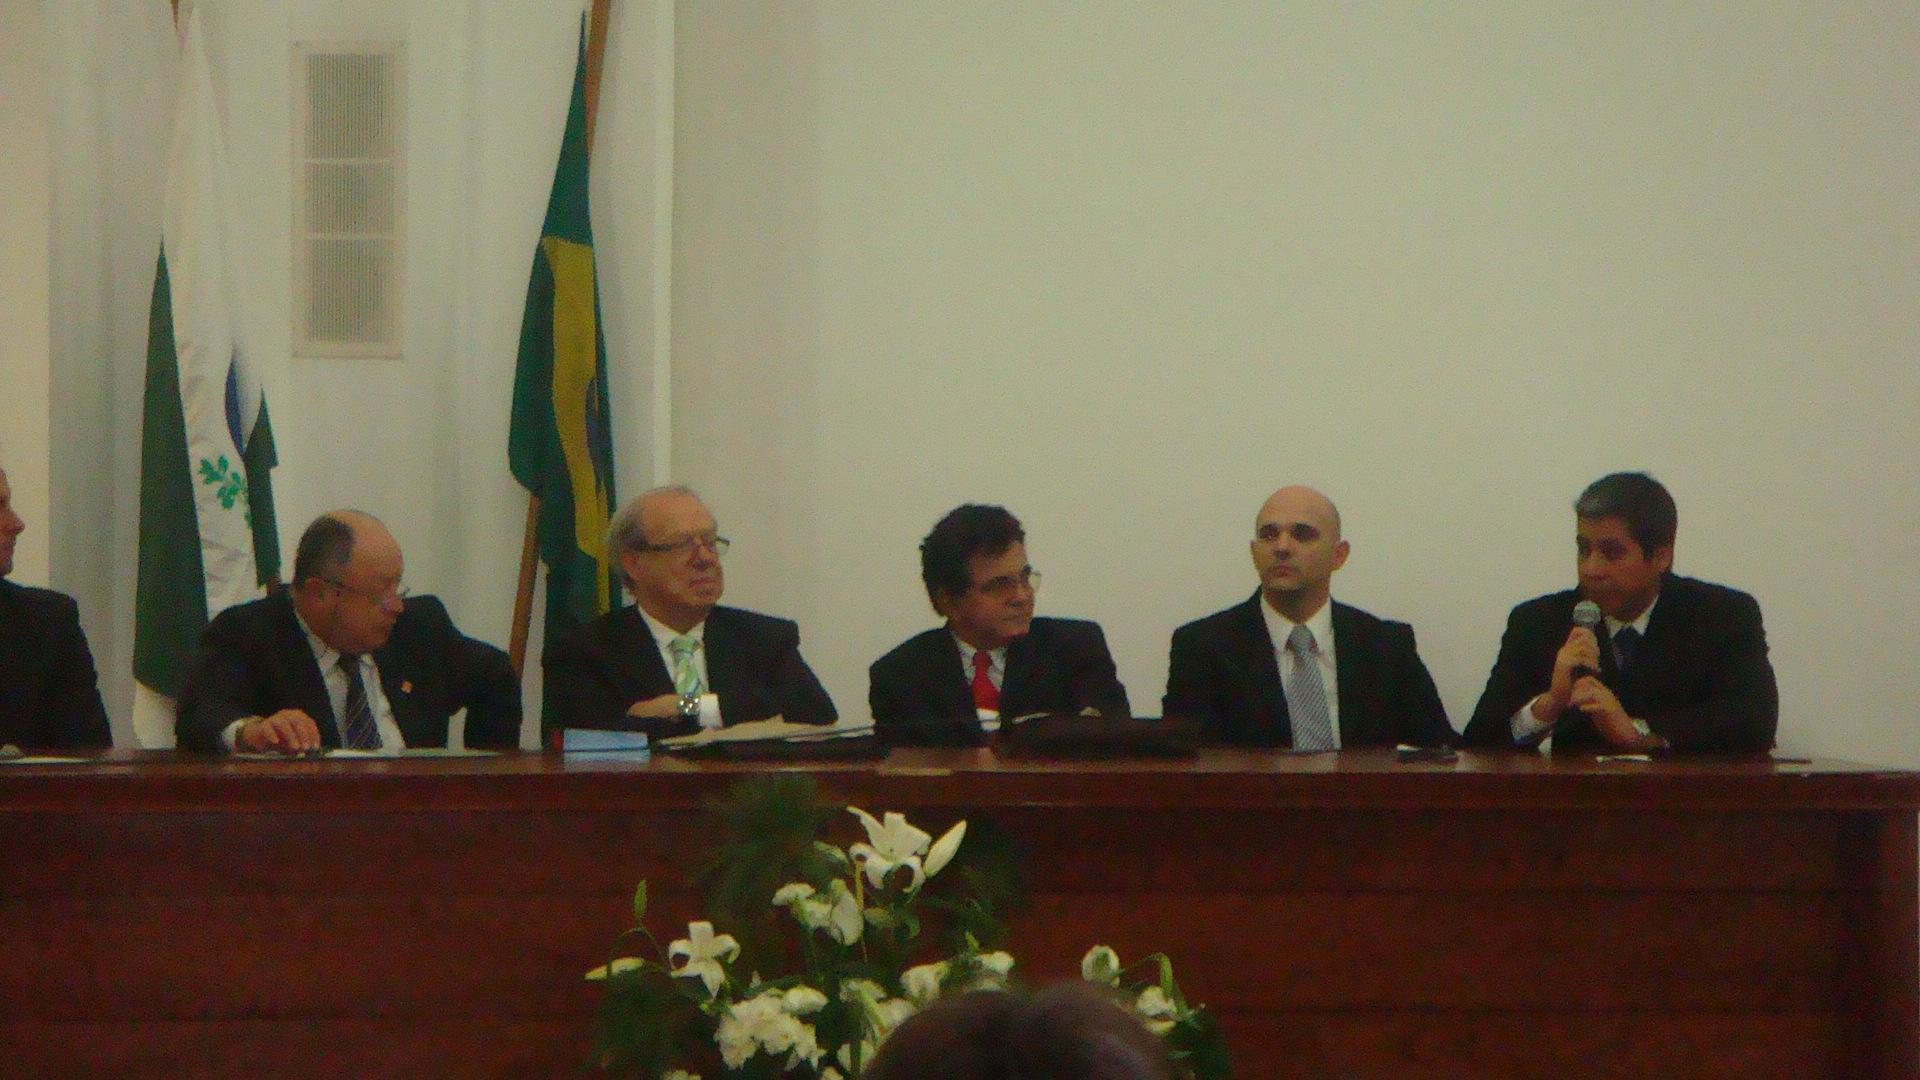 X VEMI – Curso Internacional de Videoendoscopía en Cirugía Plástica y Procedimientos Mínimos Invasivos. Realizado en Curitiba, Brasil en Agosto del 2011.